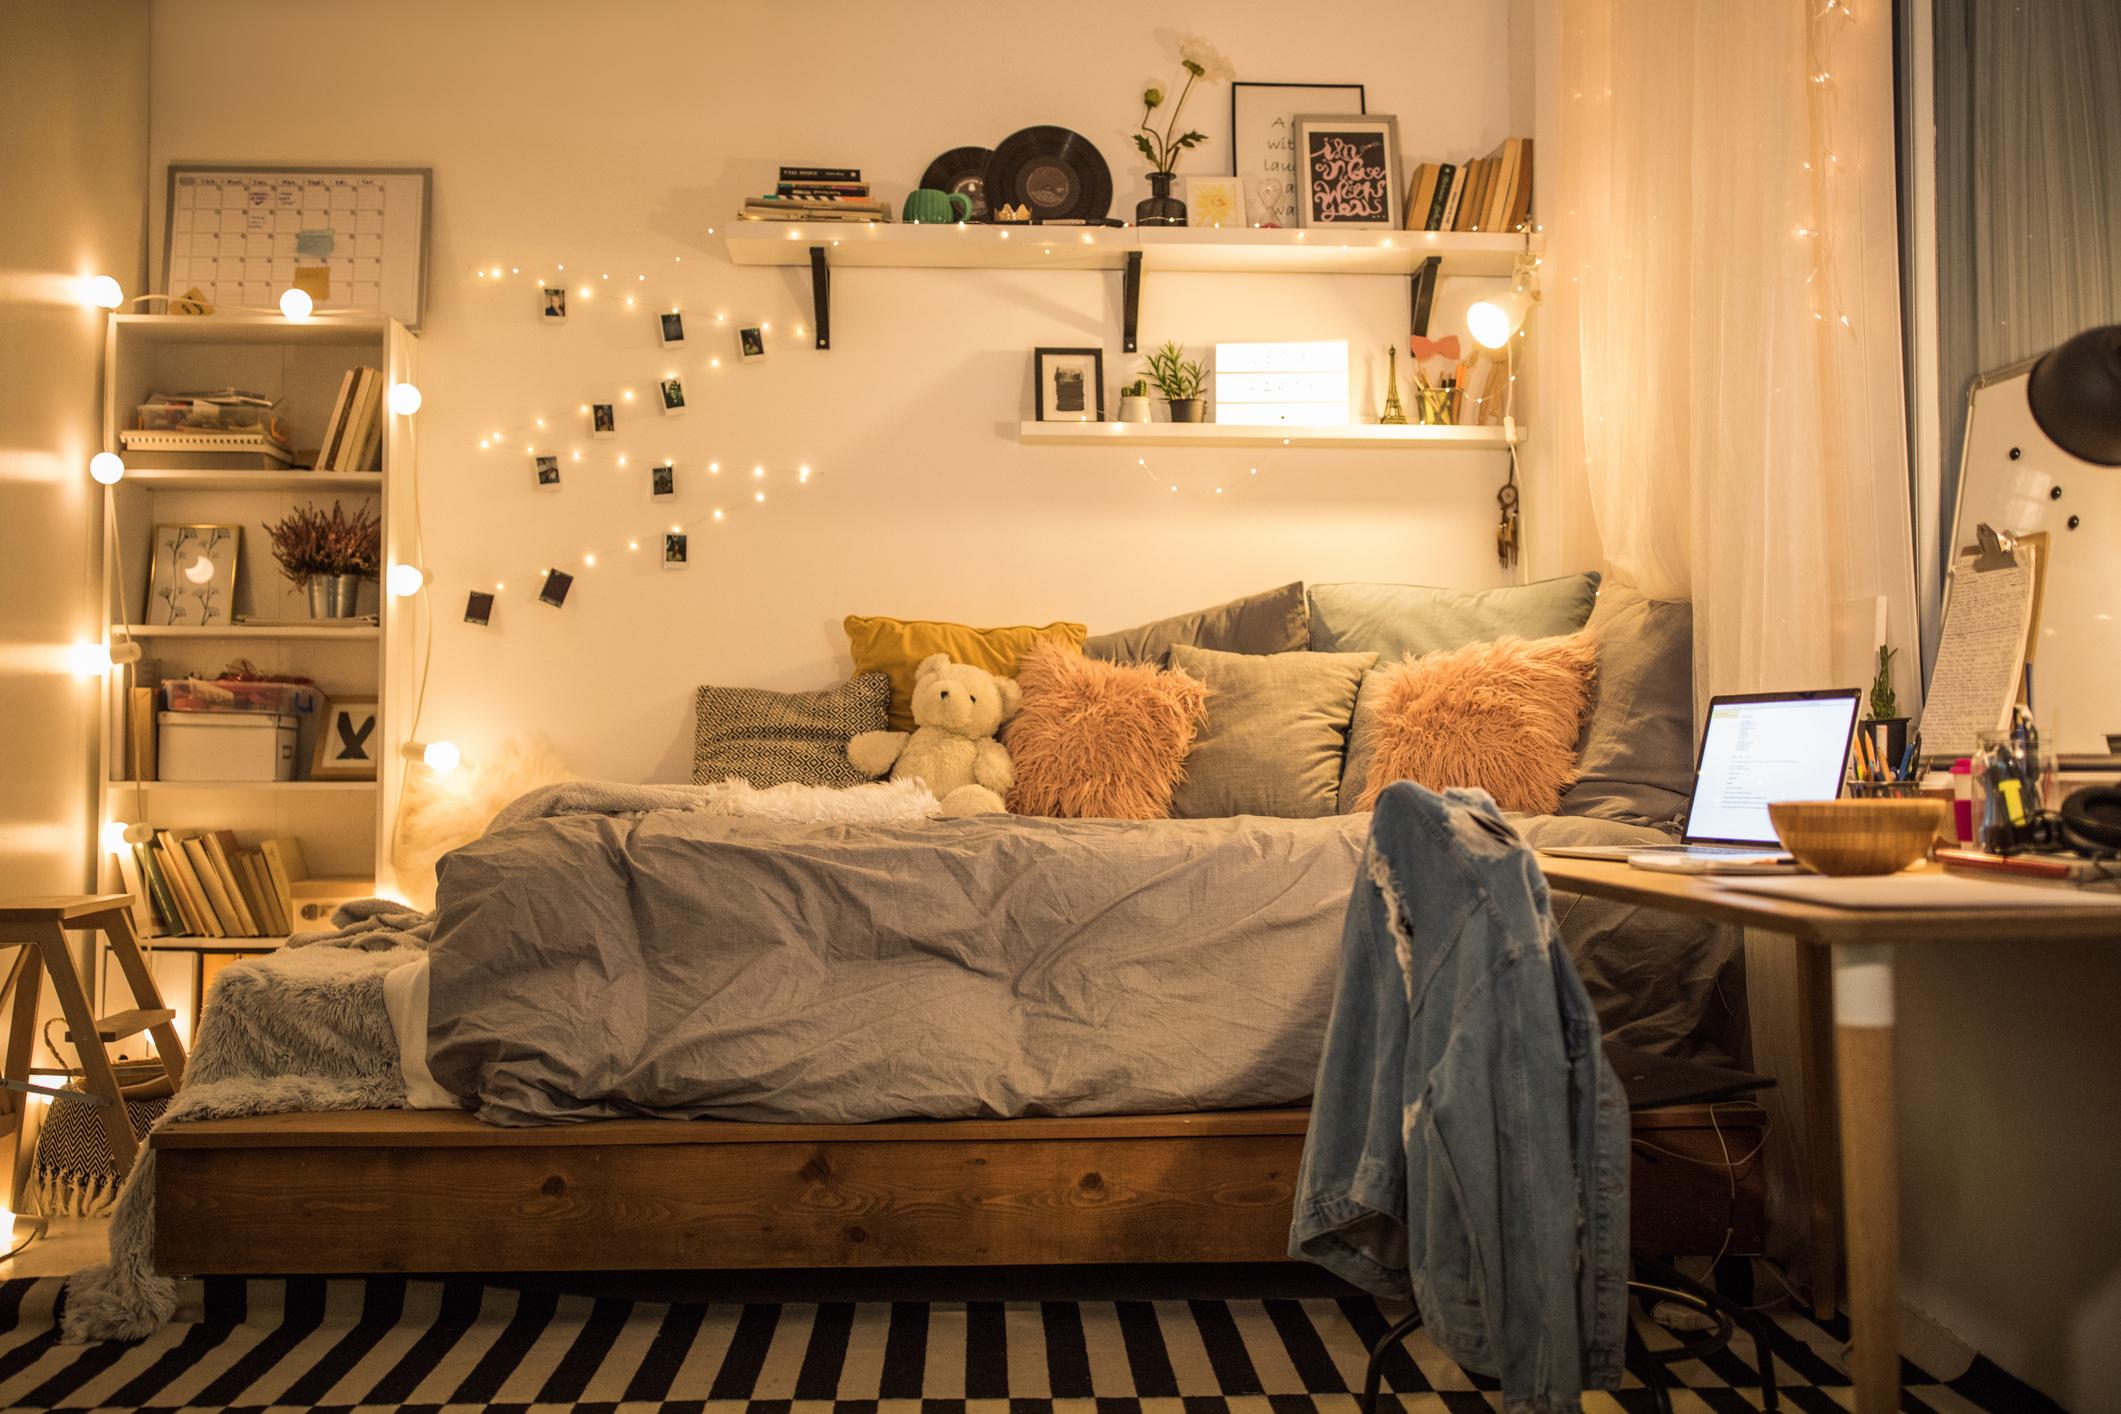 Оправяйте леглото си всеки ден, когато станете.